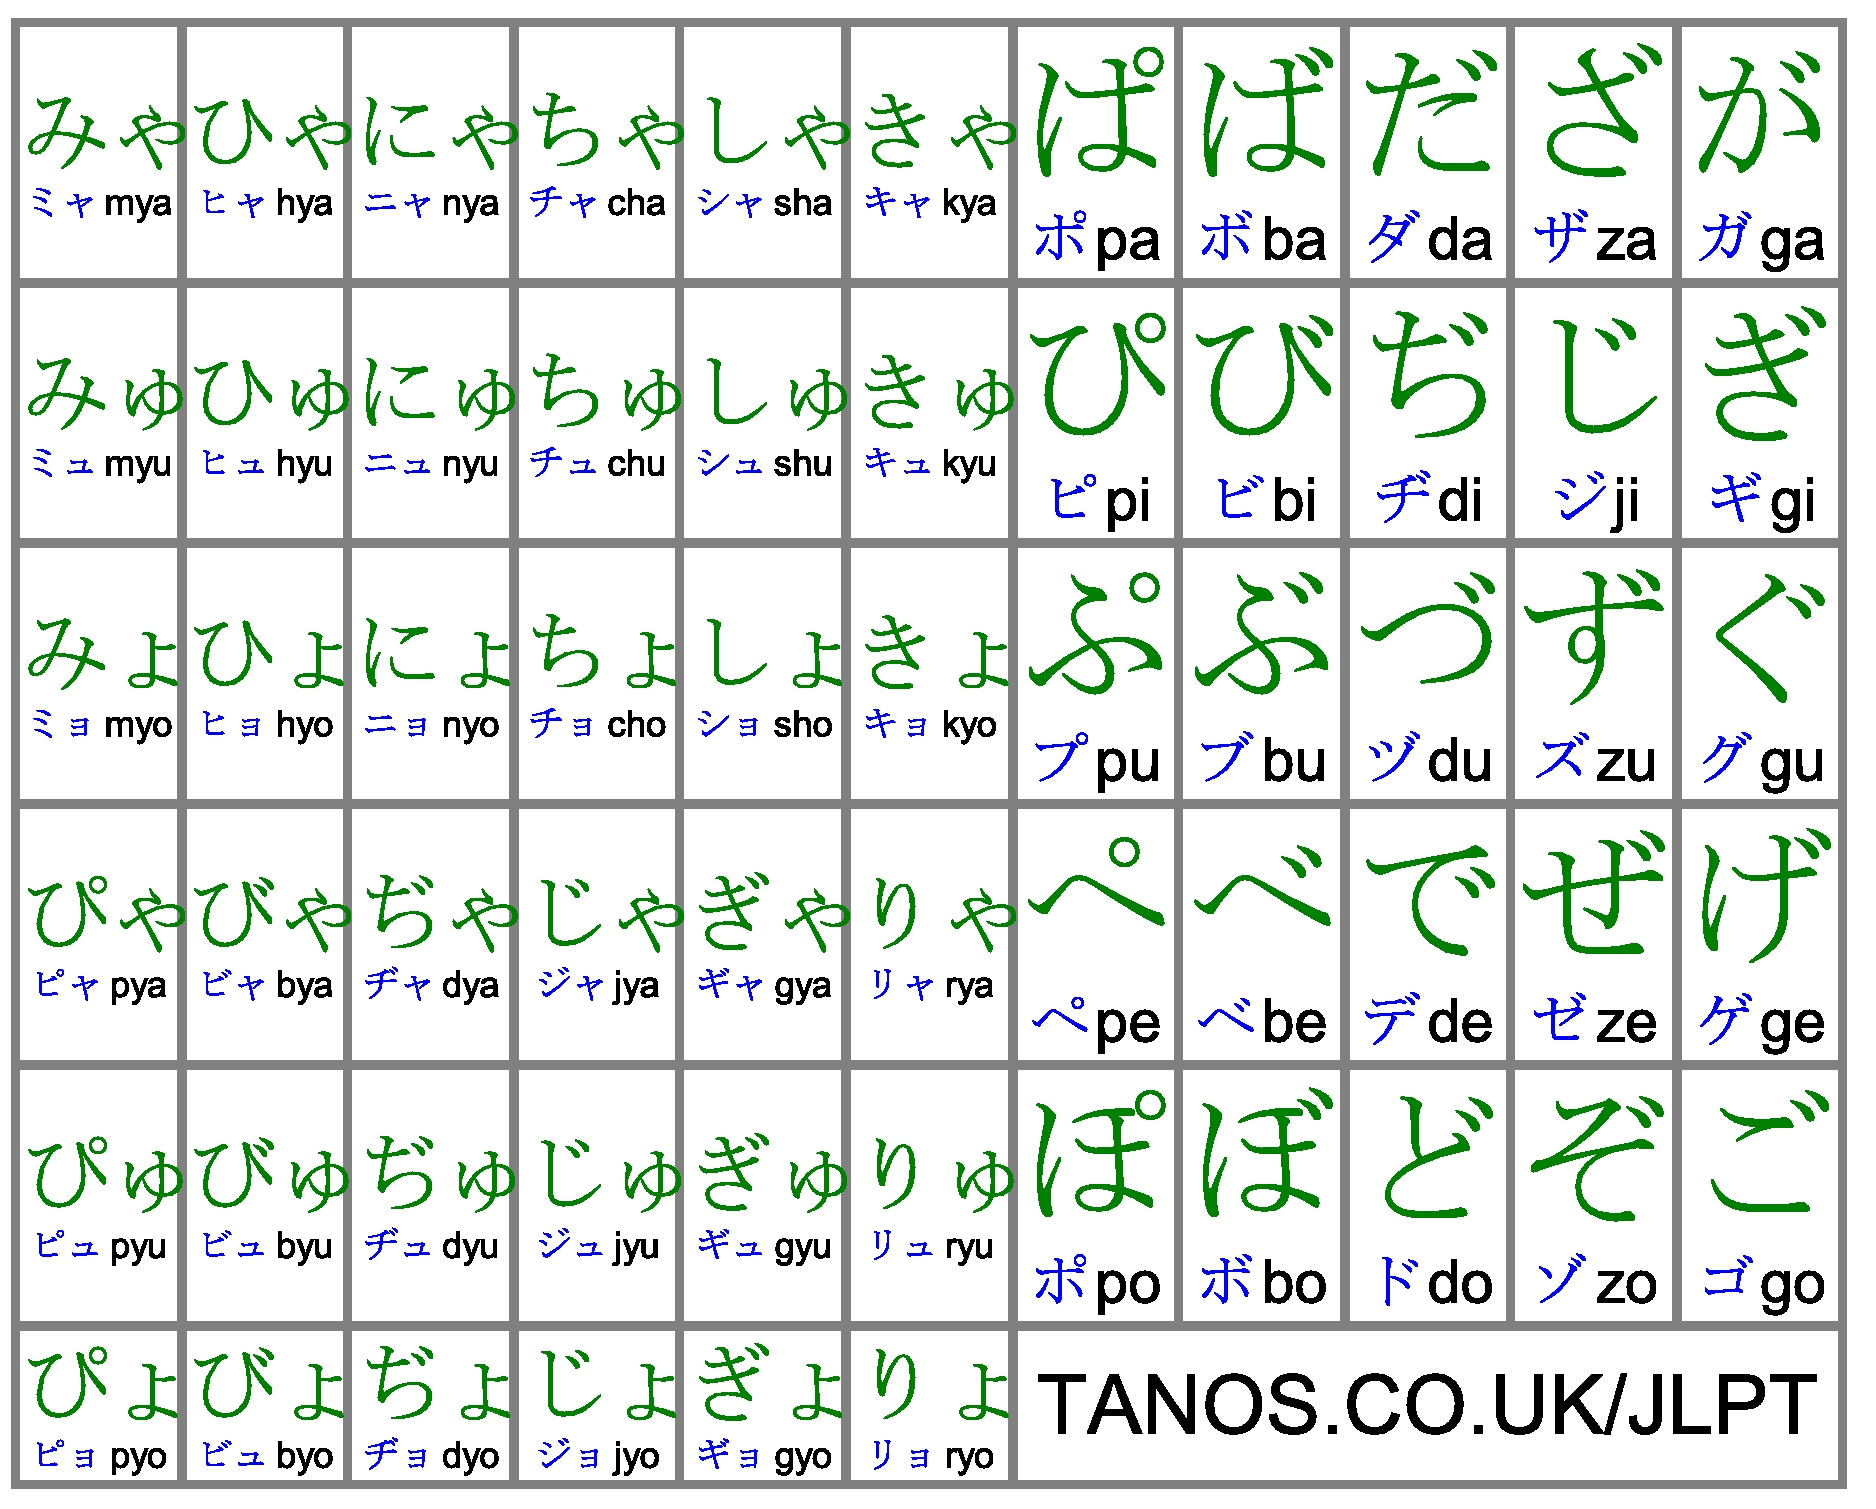 Hiragana Katakana Kanji Chart